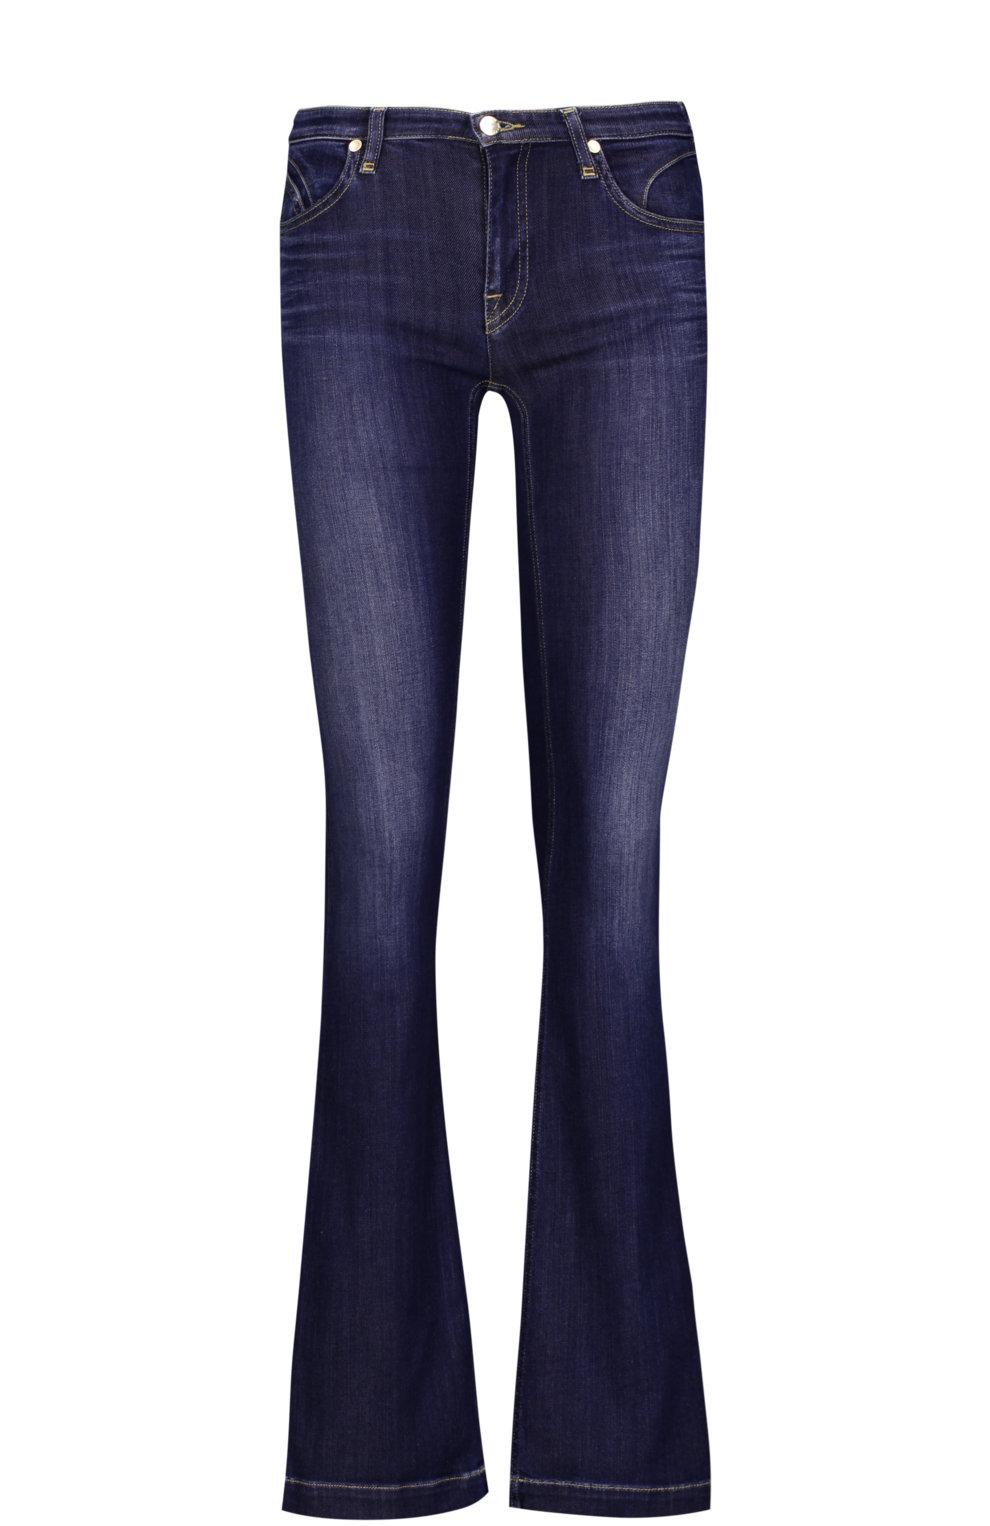 Джинсы Armani Jeans арт. 4287218 купить за 9590 руб. в интернет-магазине ЦУМ